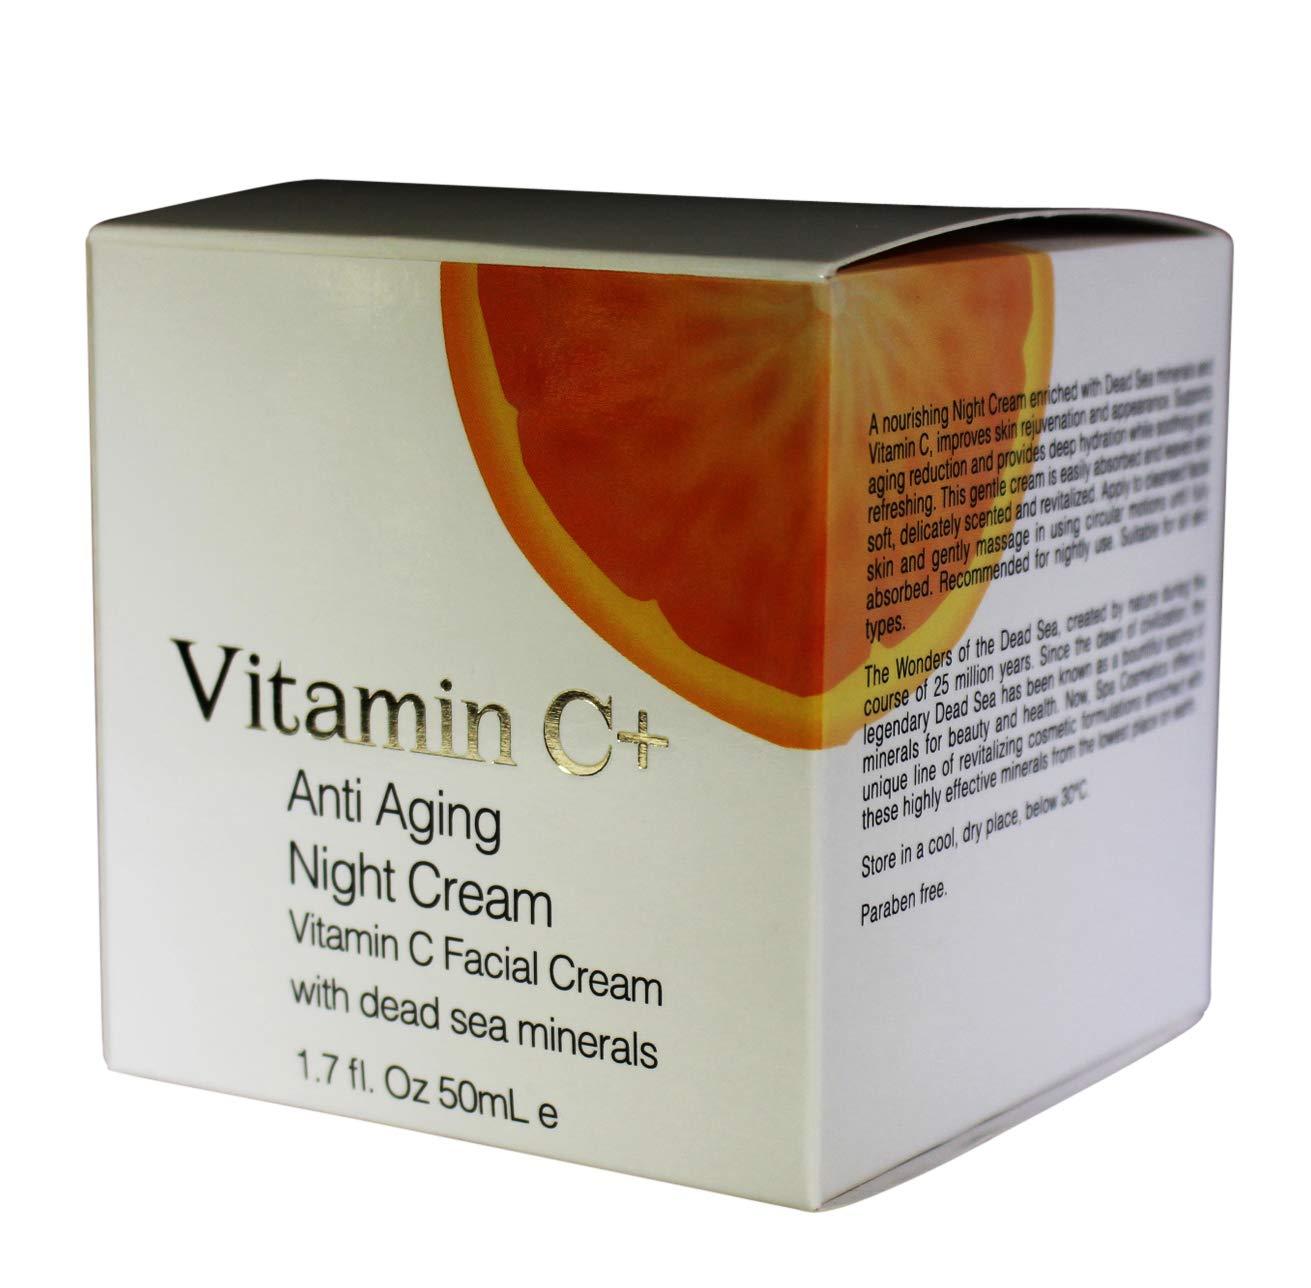 SPA Cosmetics Vitamin C+ Anti Aging Face Night Cream with Dead Sea Minerals